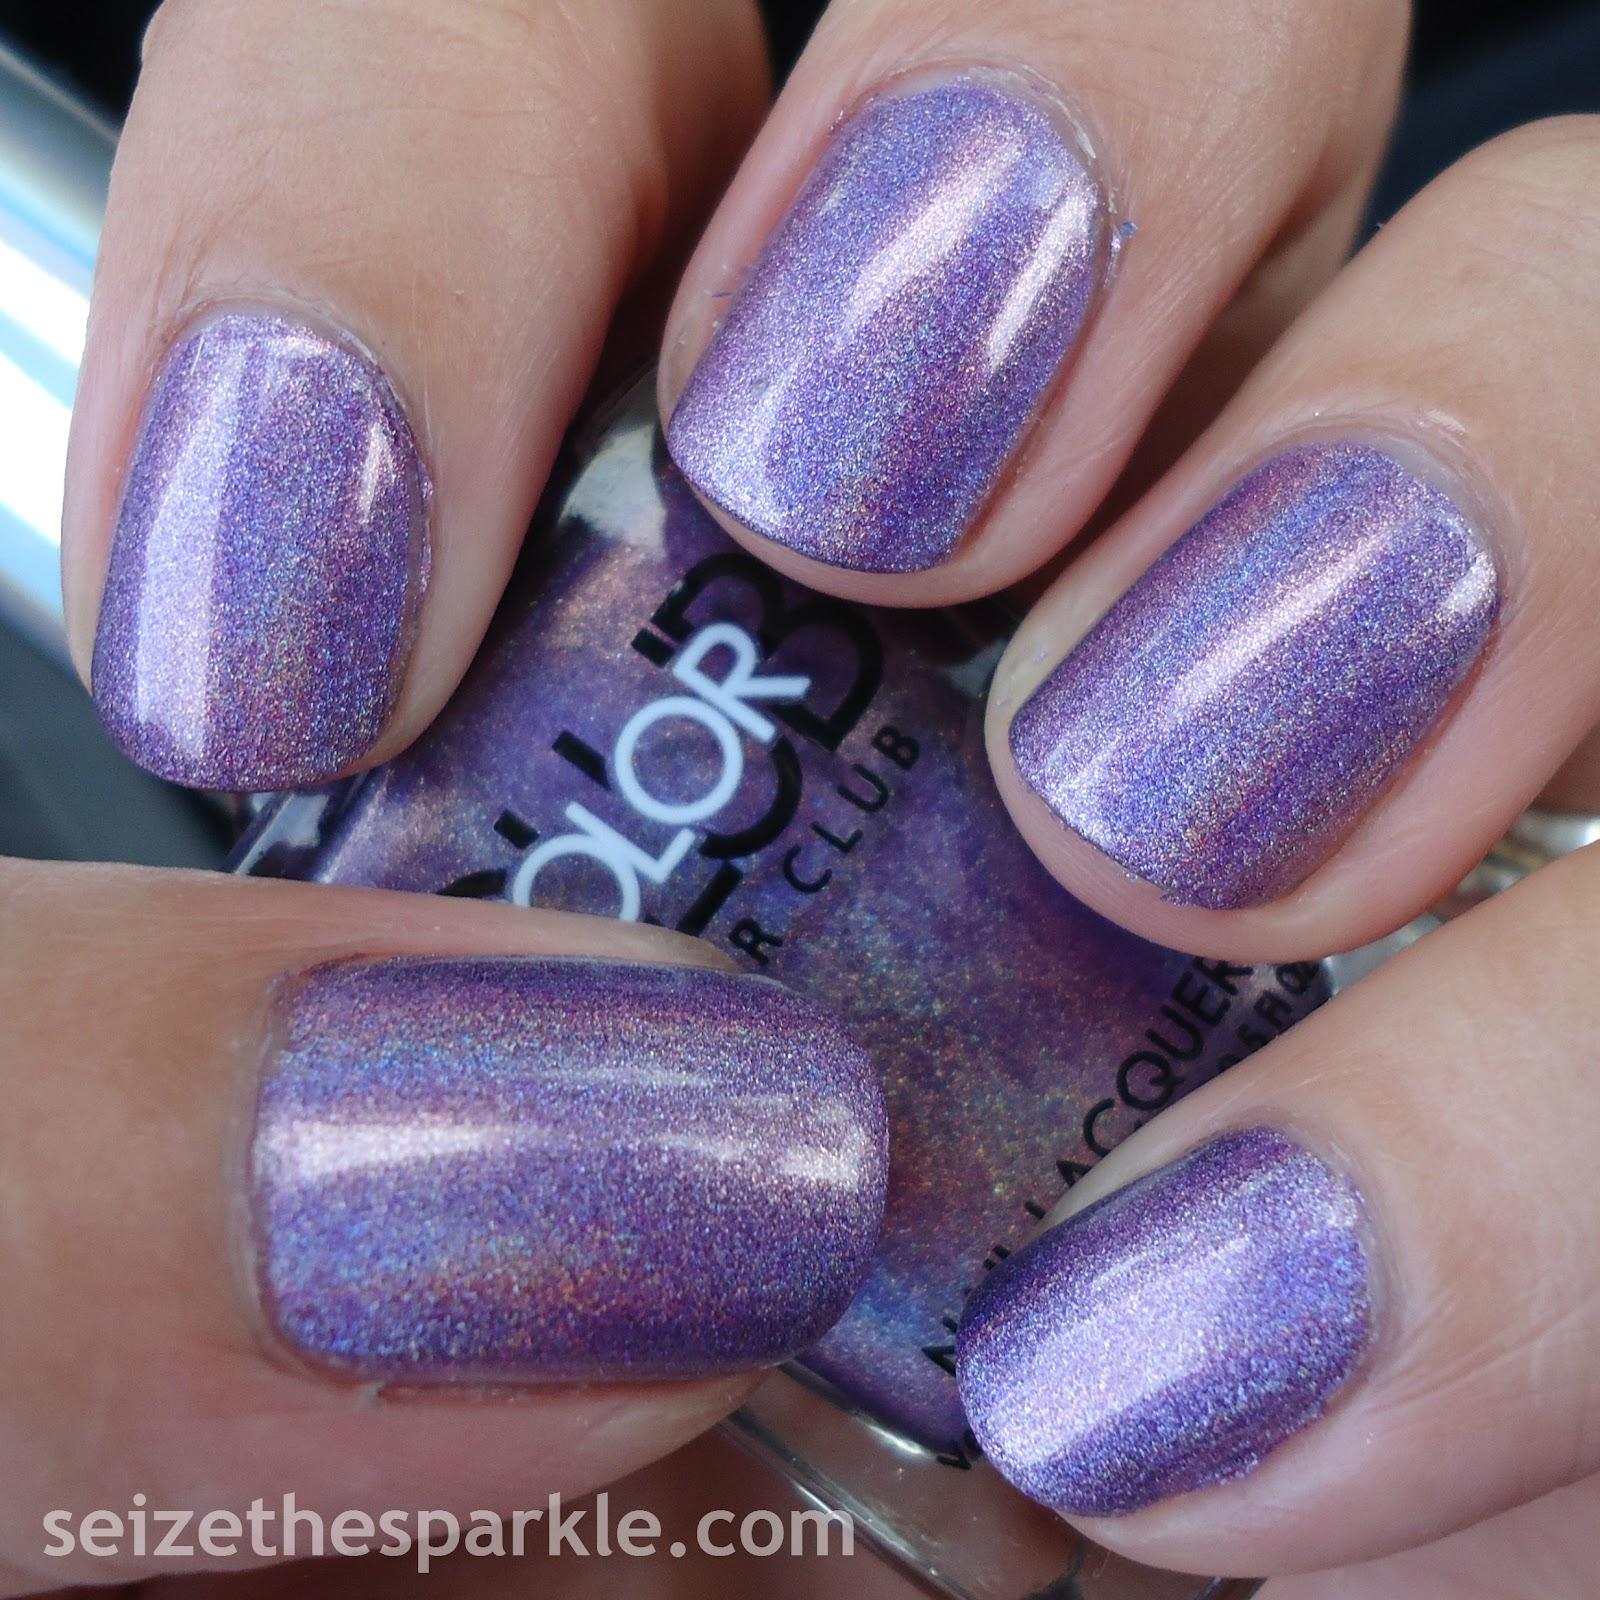 Color Club Eternal Beauty - Seize the Sparkle